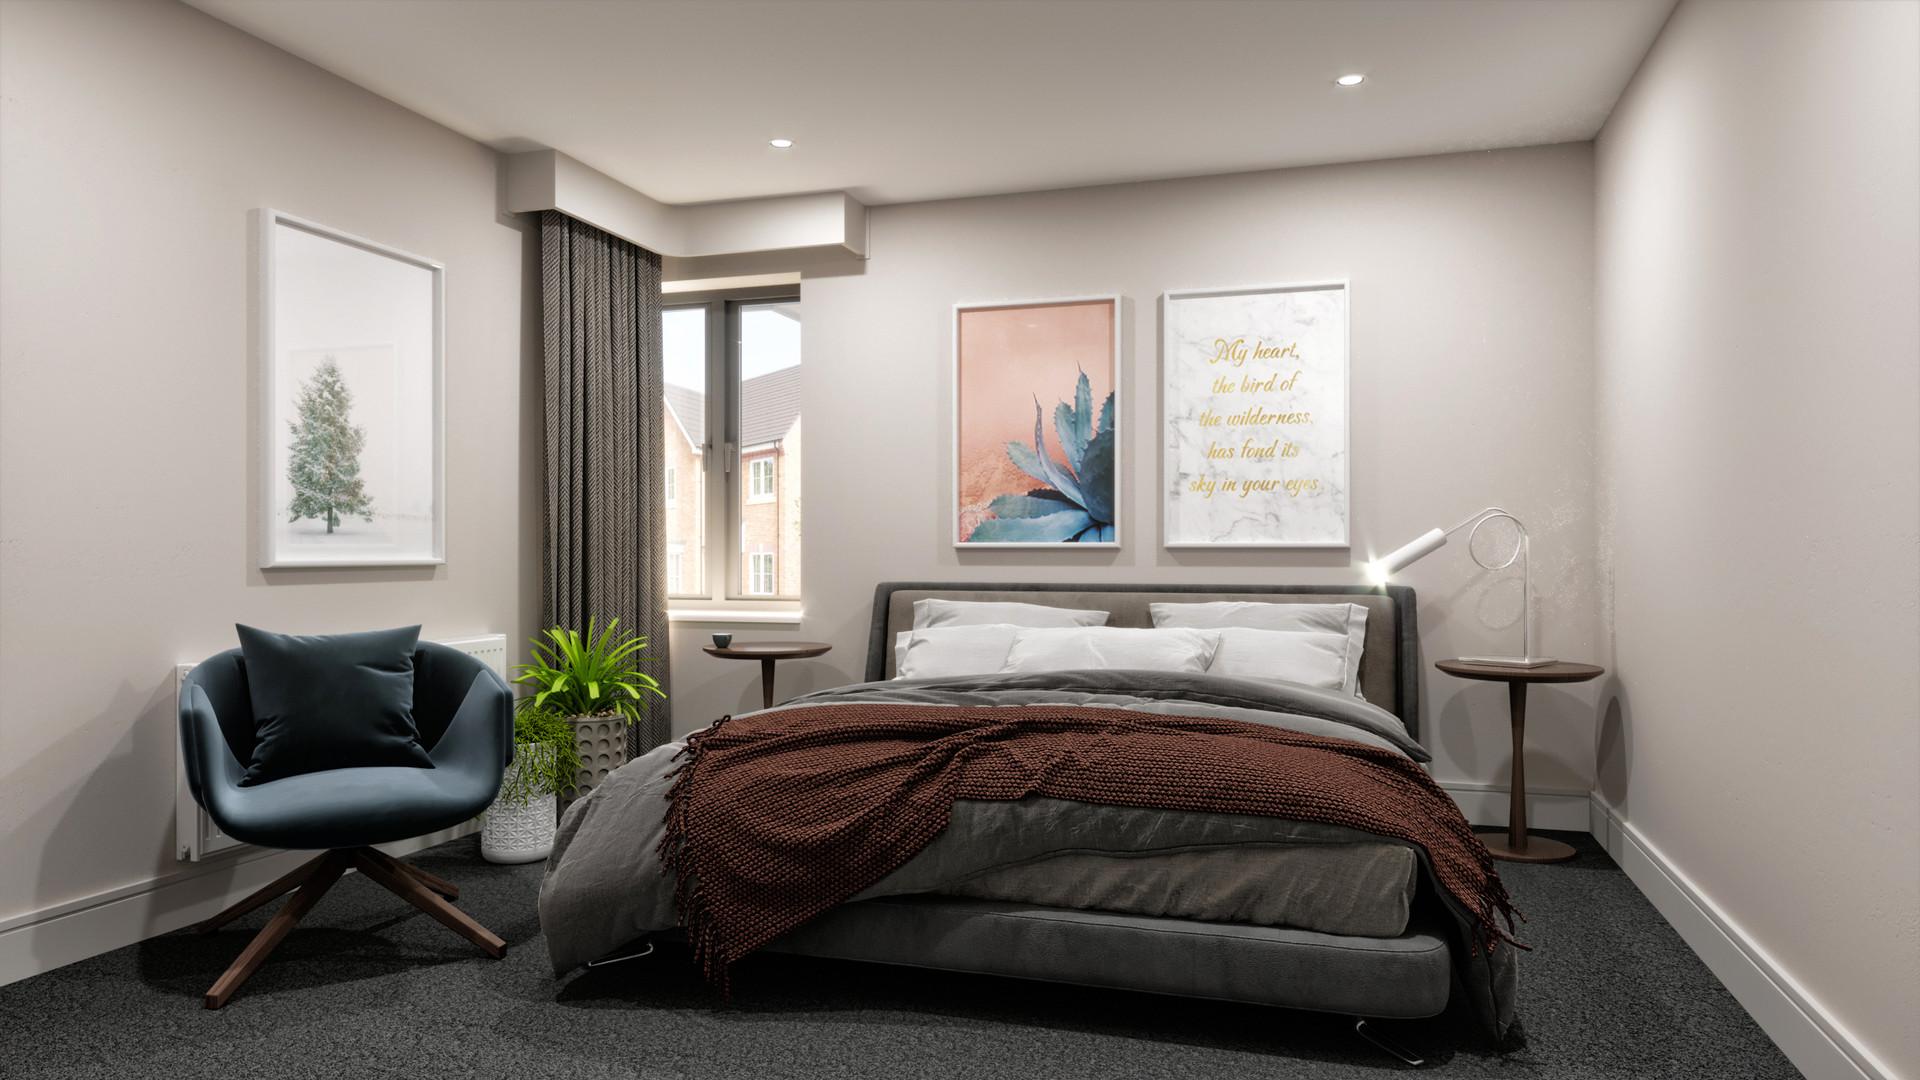 Interior_Flat_03_Bedroom.jpg